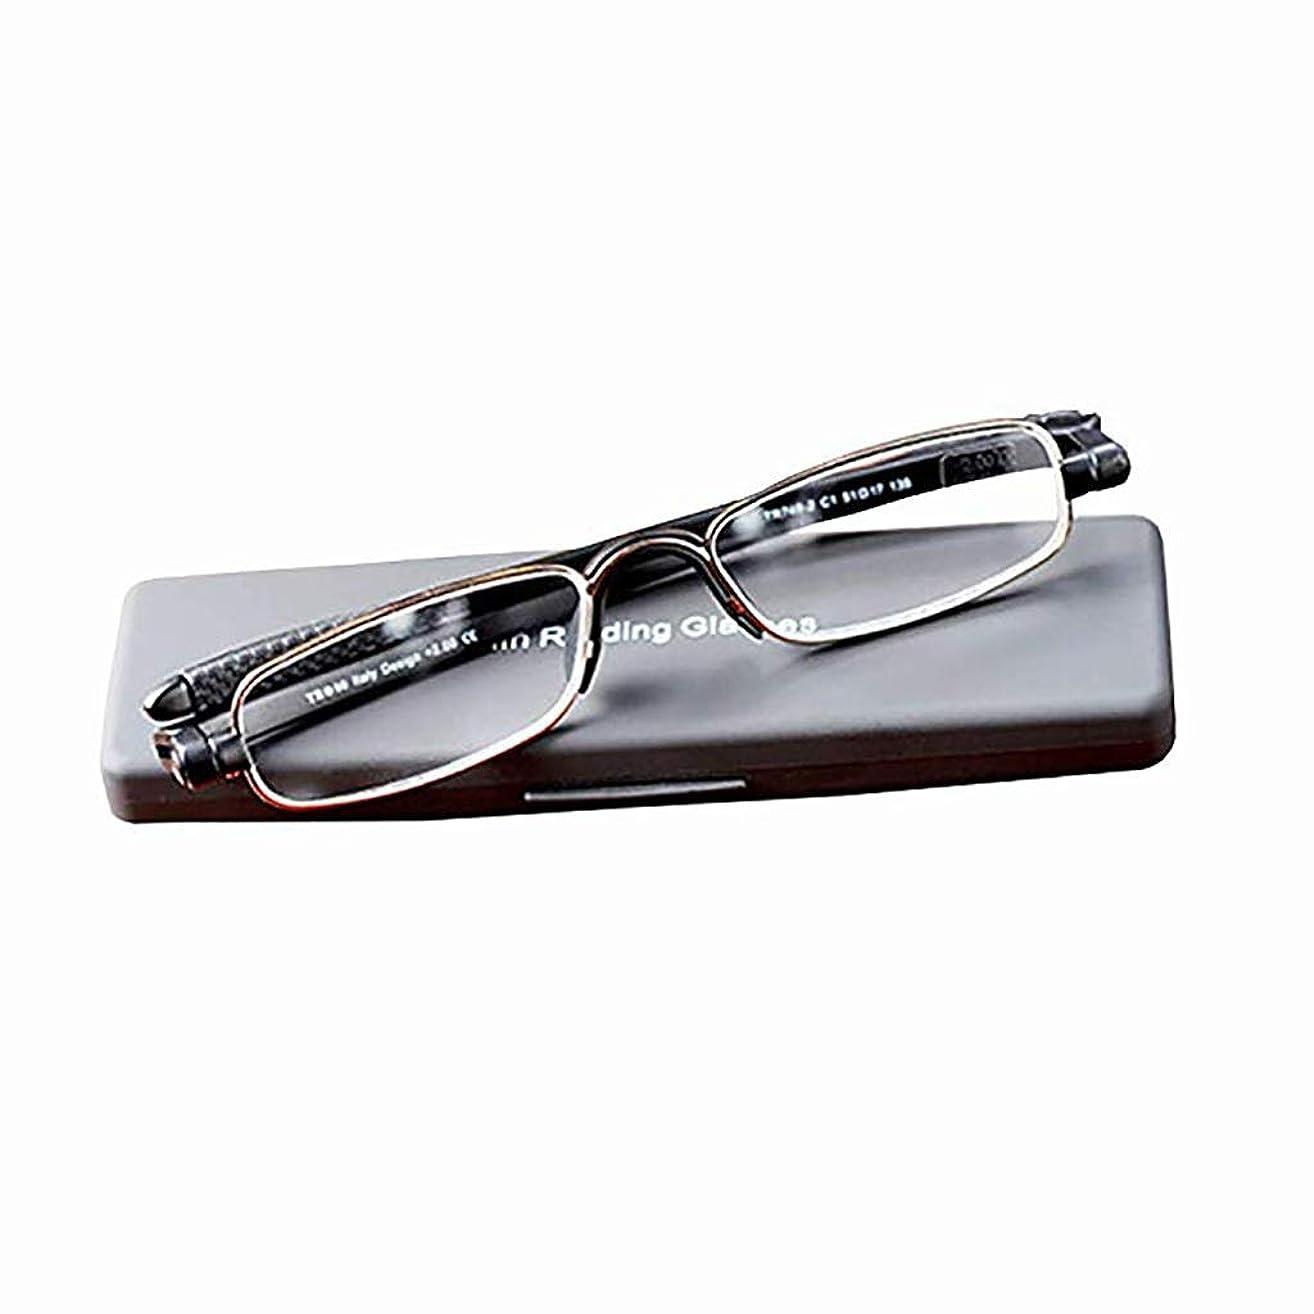 信頼ハリケーンベット携帯用および流行の金属の老眼鏡、包装が付いている360度の回転HDの樹脂の老眼鏡、読書/読書新聞/TV/移動式/インターネットのために適した 花が咲く (Color : B, Edition : +1.50)